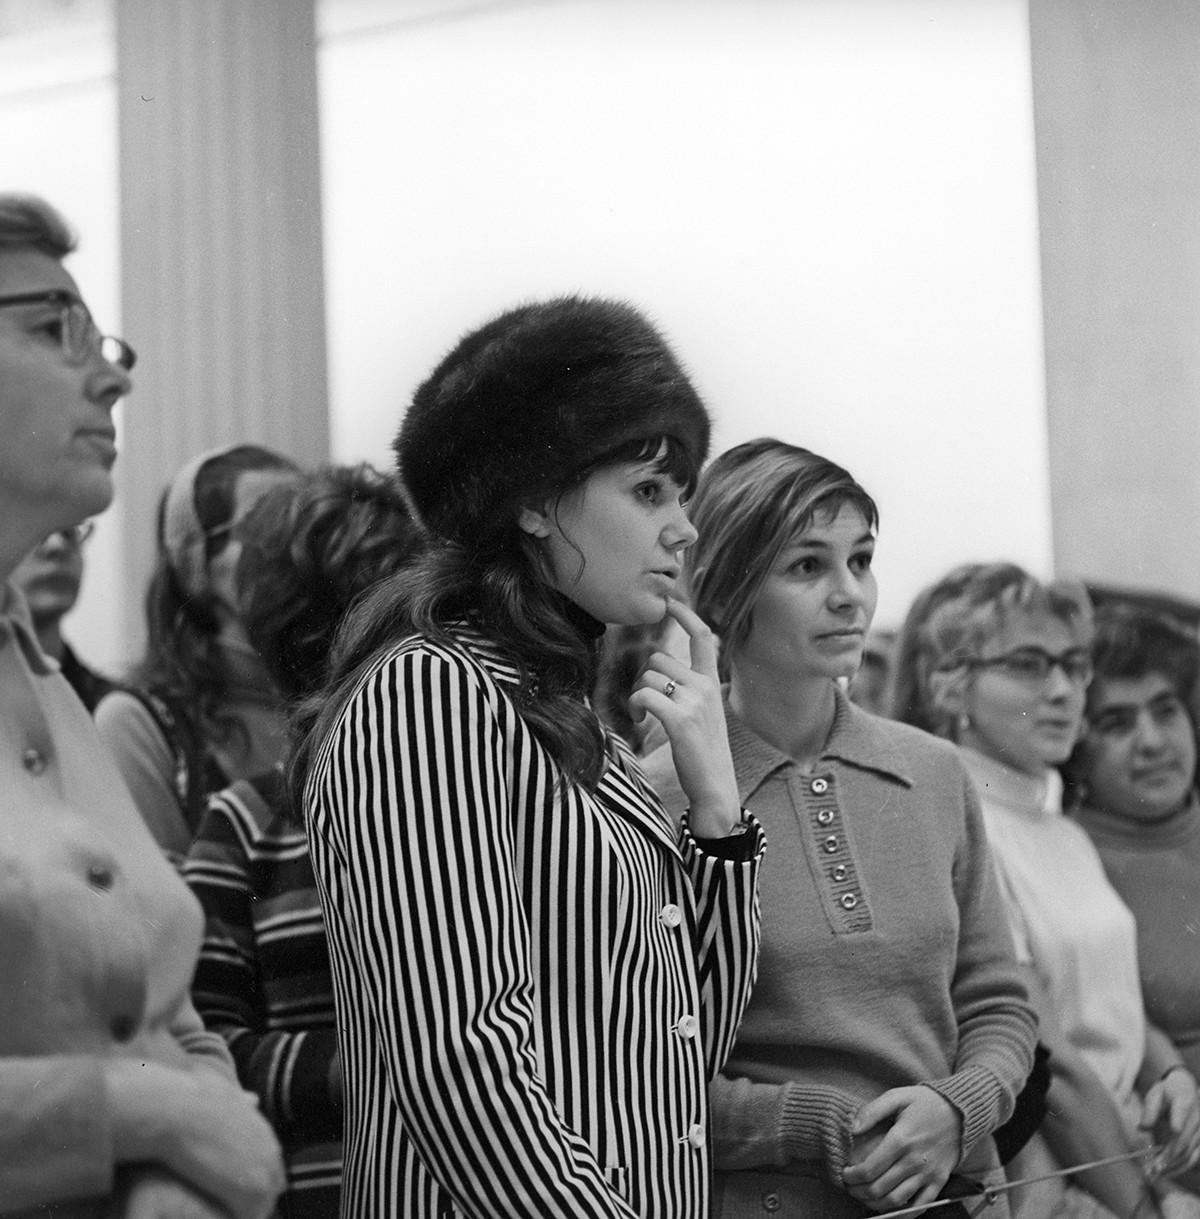 ロシア美術館の展覧会にて、1972年